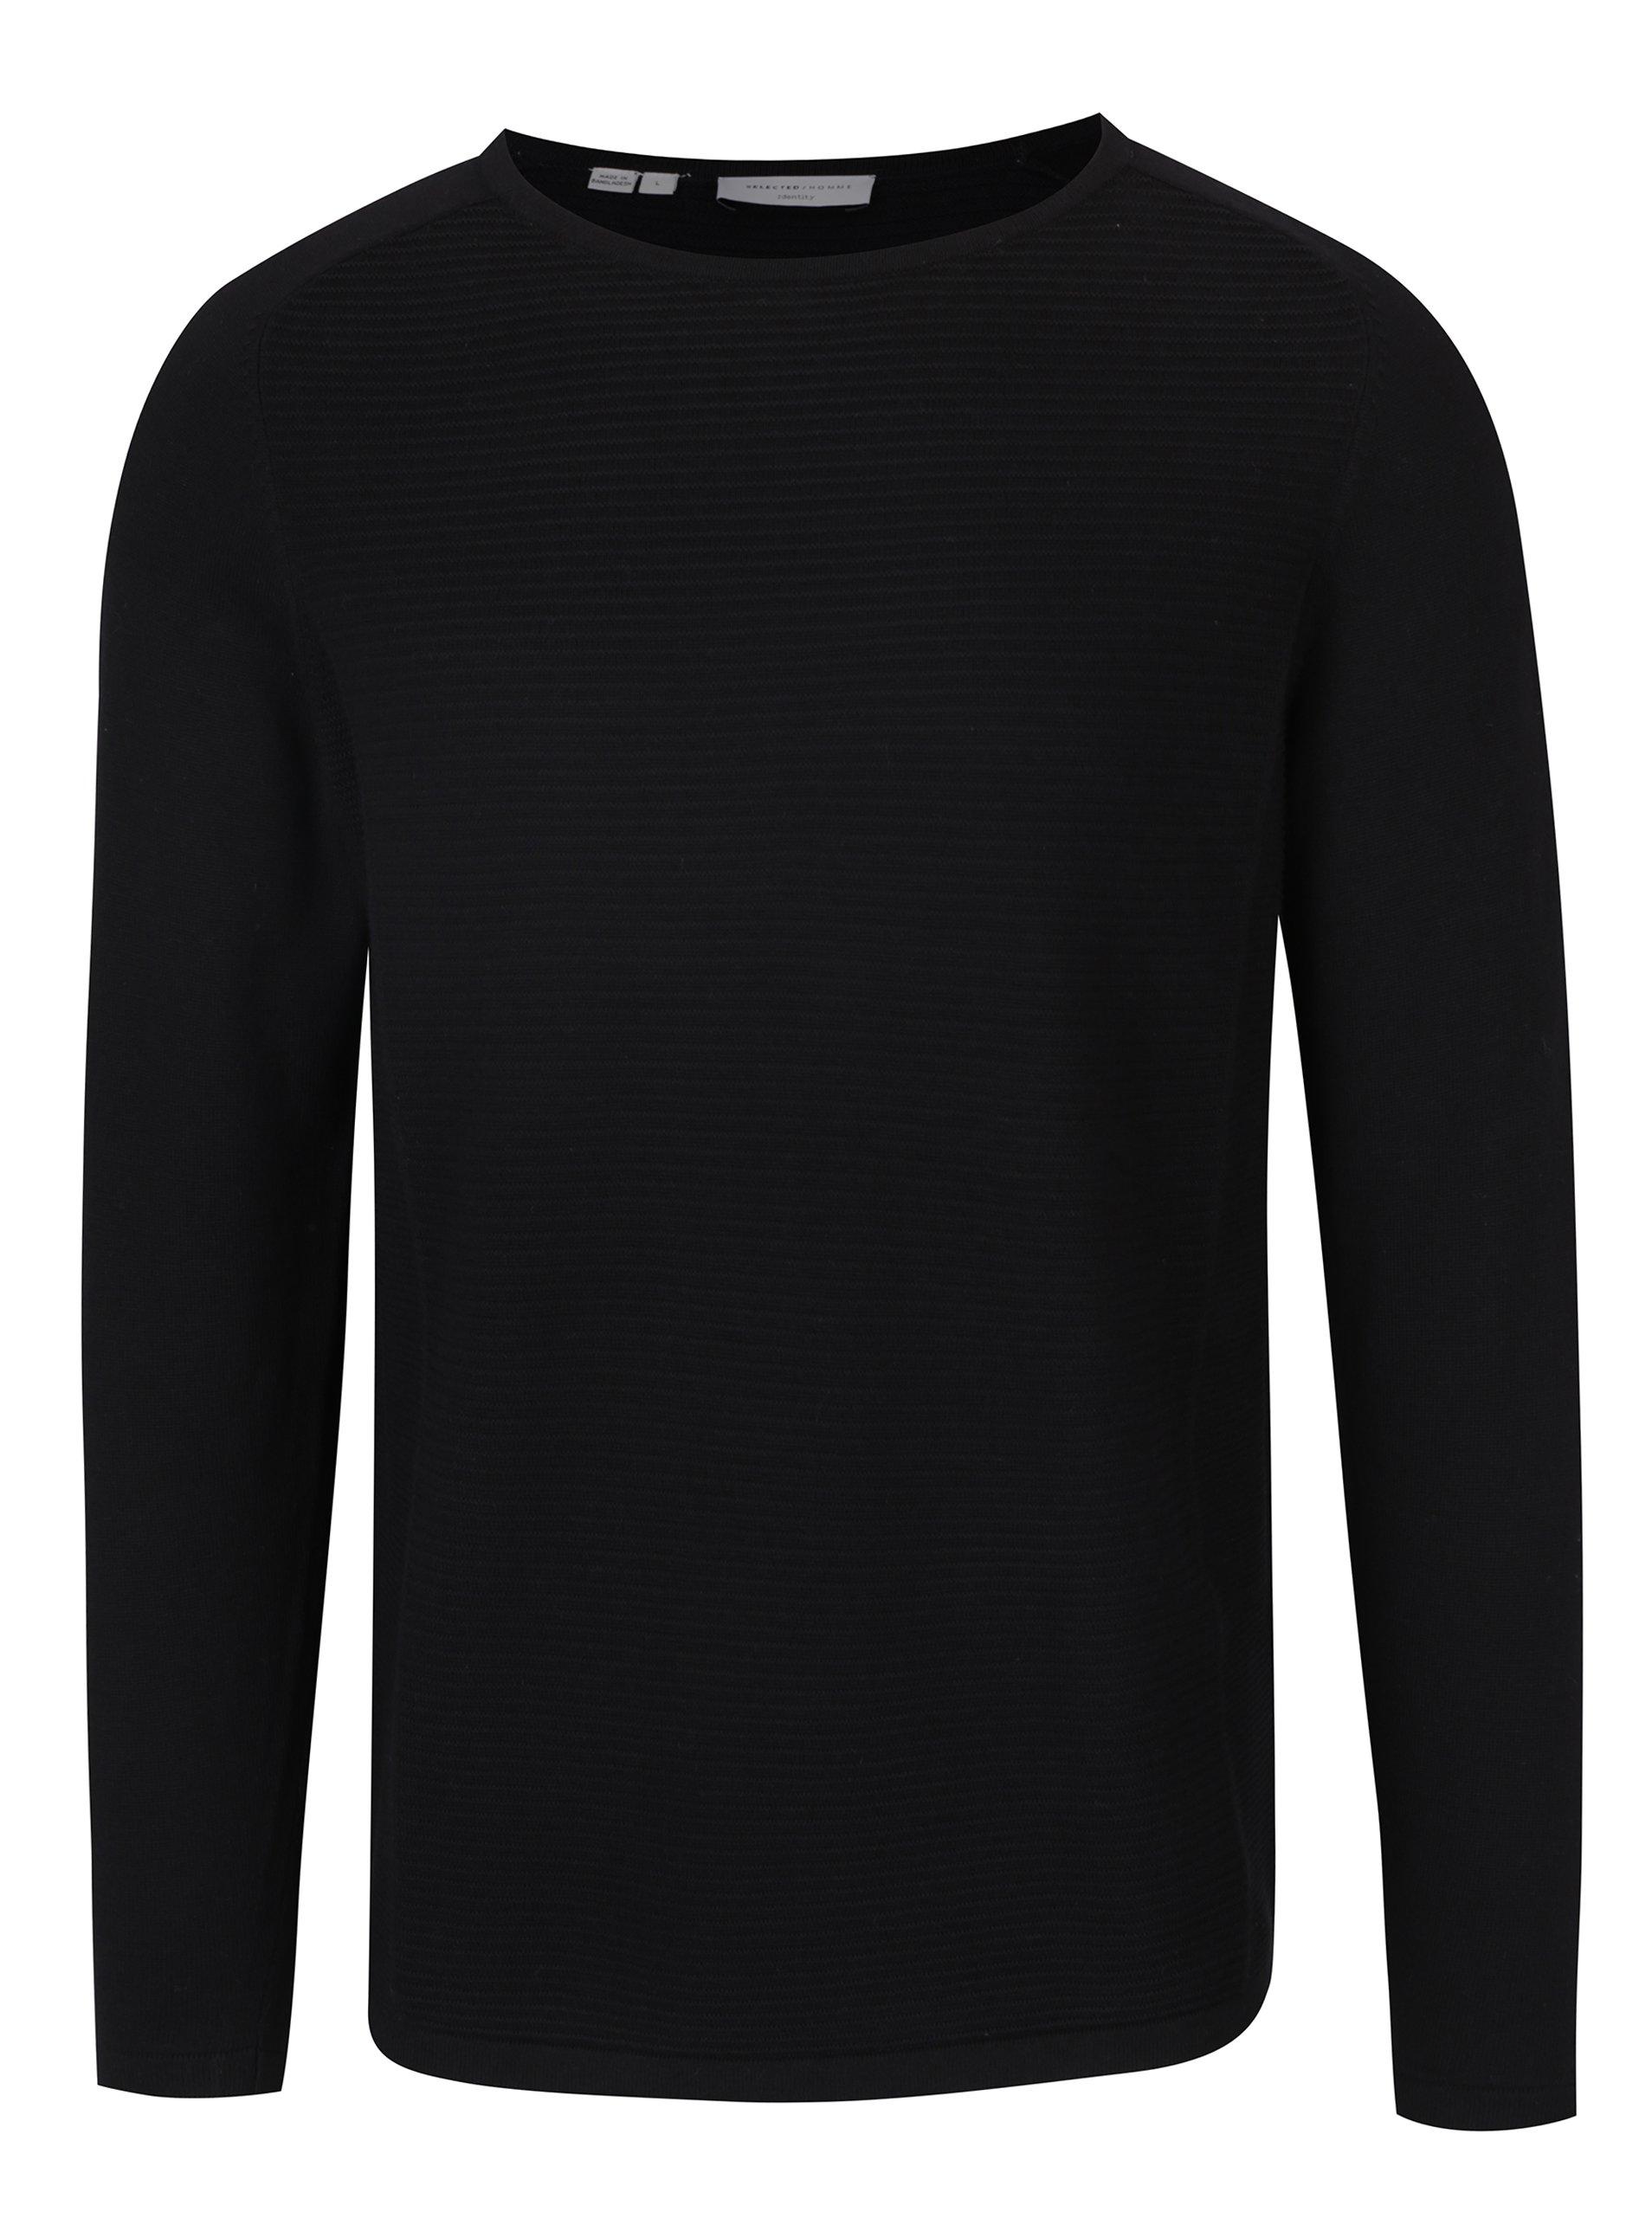 Černý svetr Selected Homme Bake